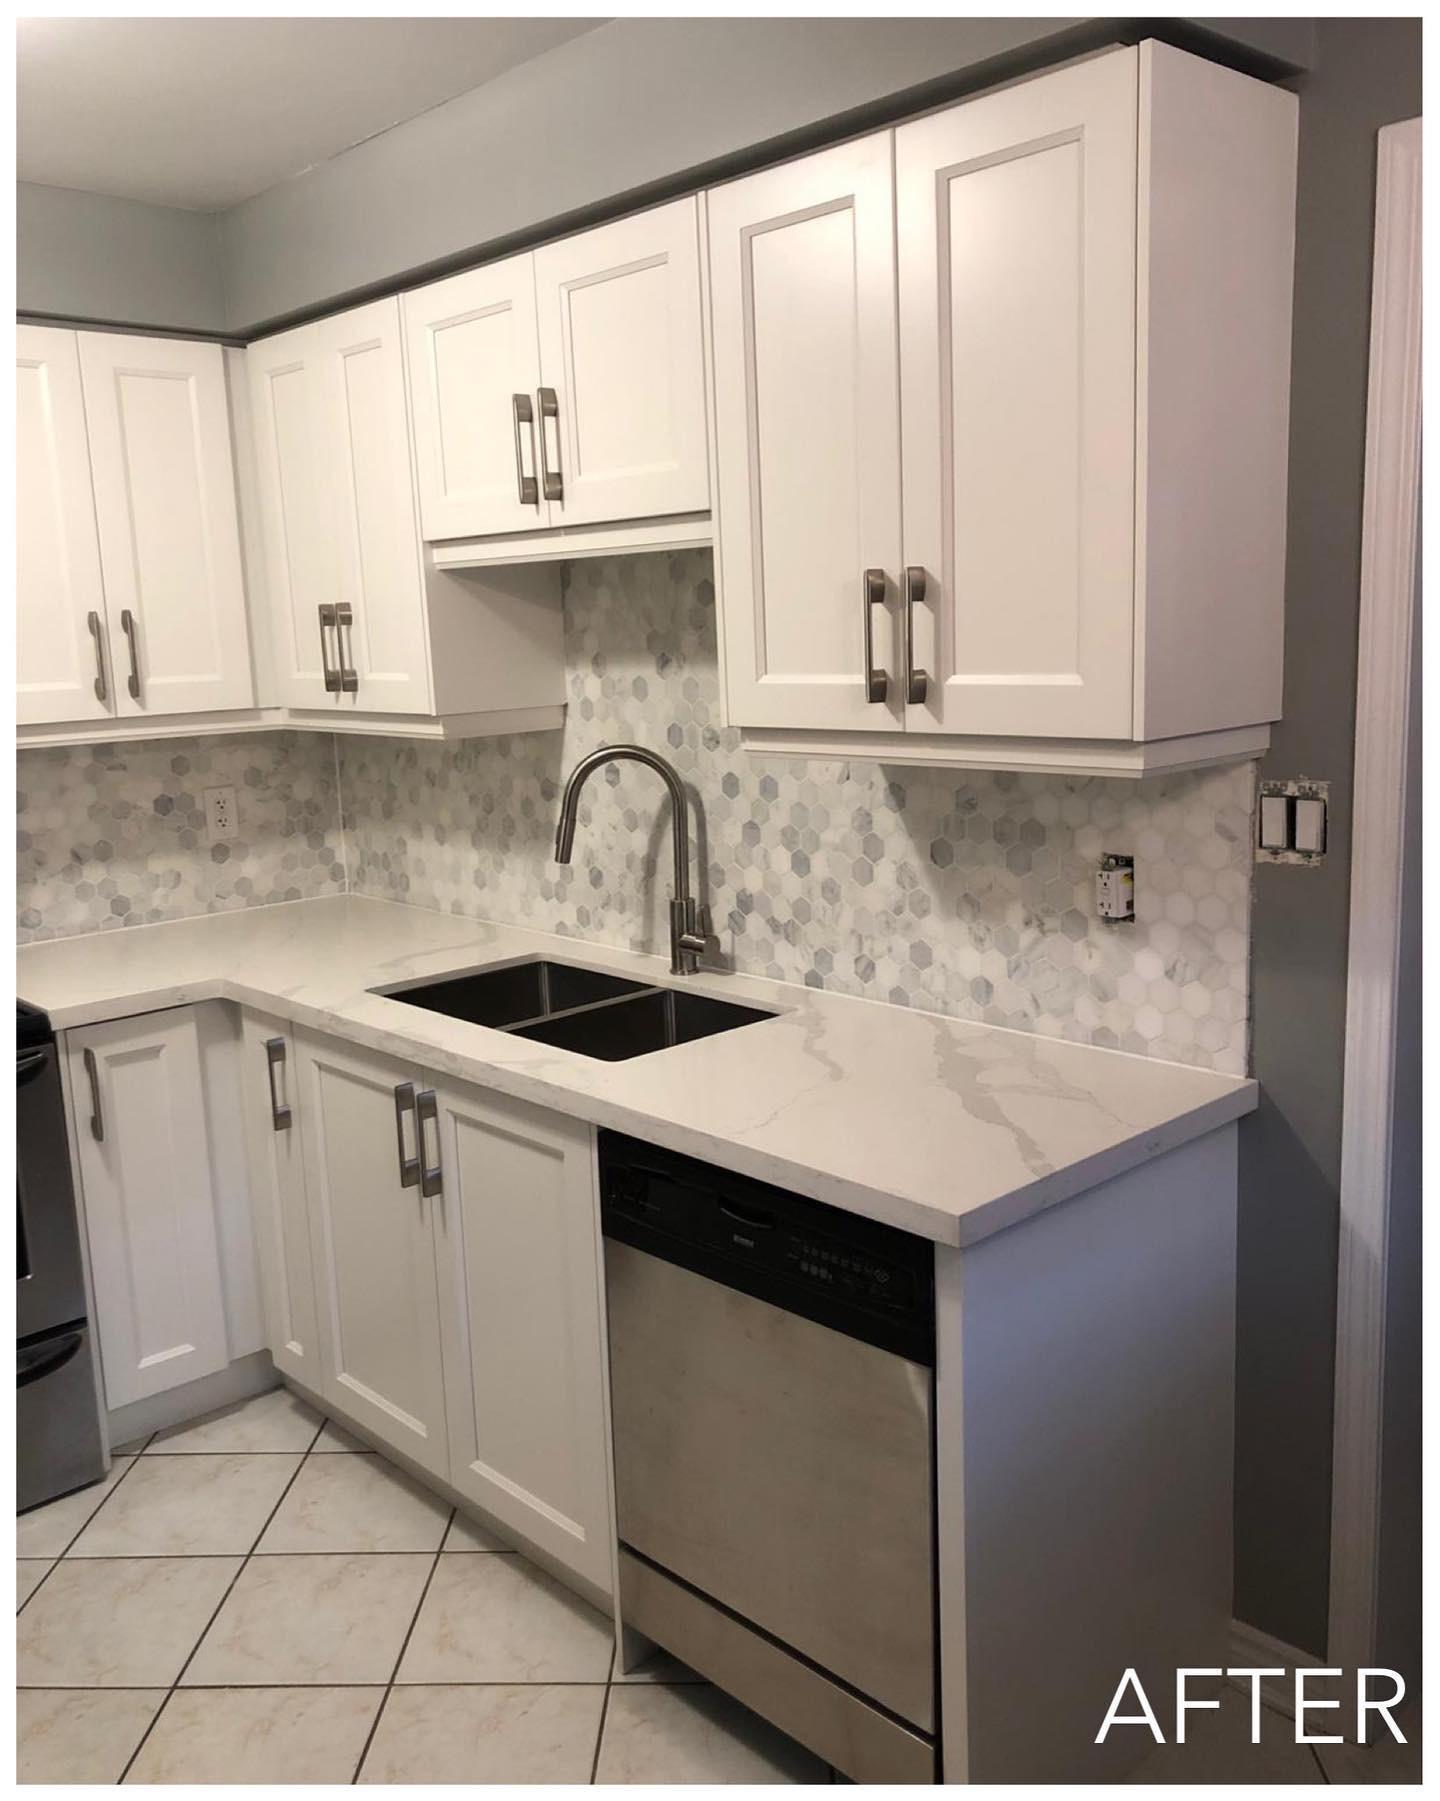 Modern Door in Satin White Kitchen - After